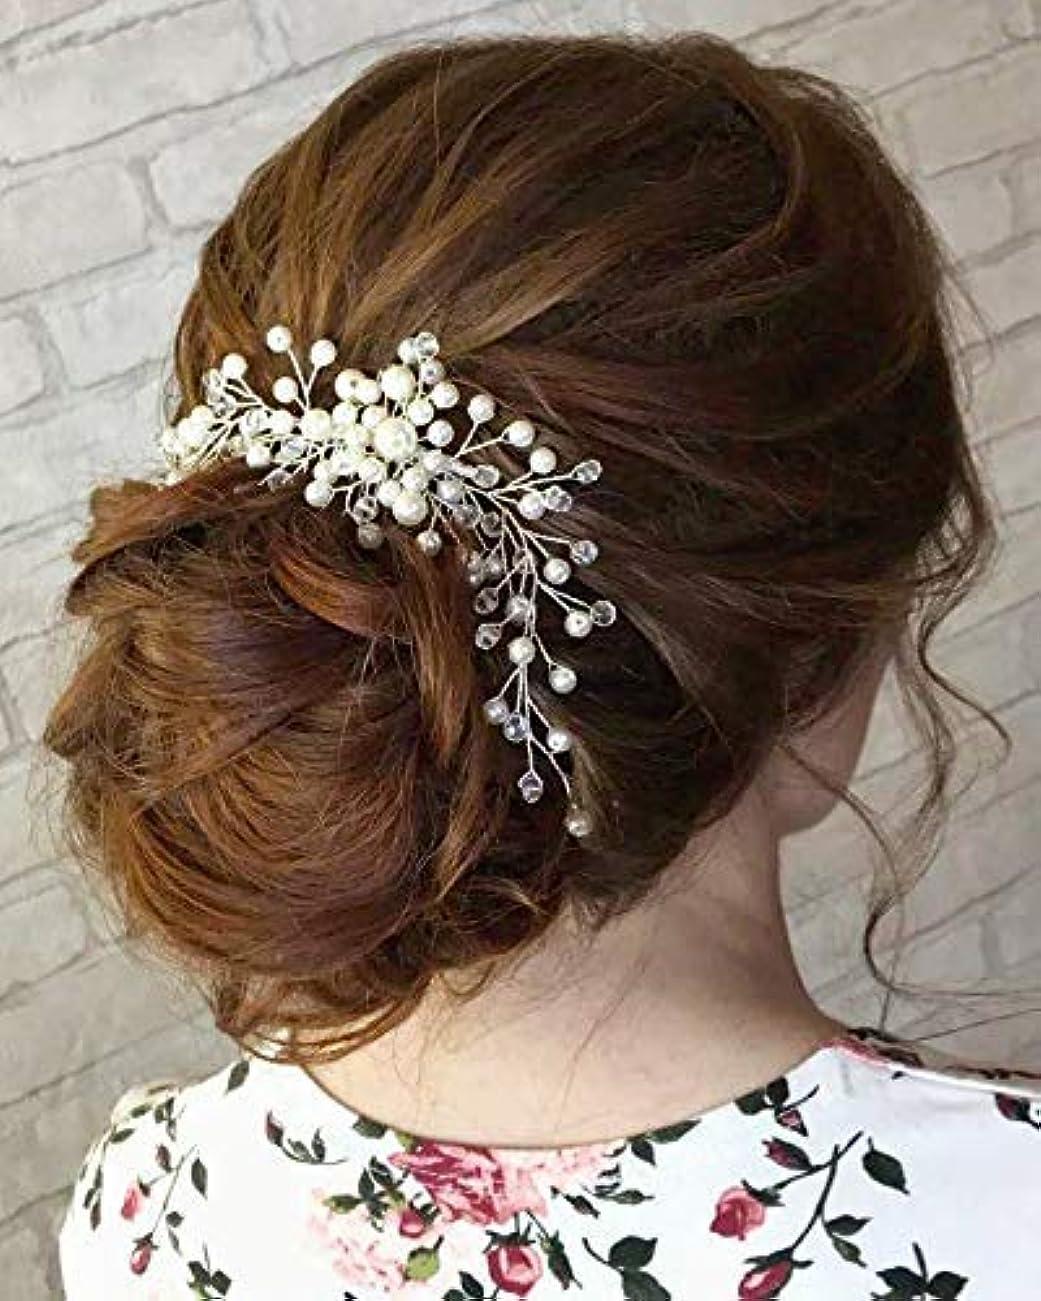 広告主アクセサリーイタリックKercisbeauty Wedding Simple Pearl Hair Comb for Brides Bridal Headpiece Long Curly Updo Hair Accessories Prom...